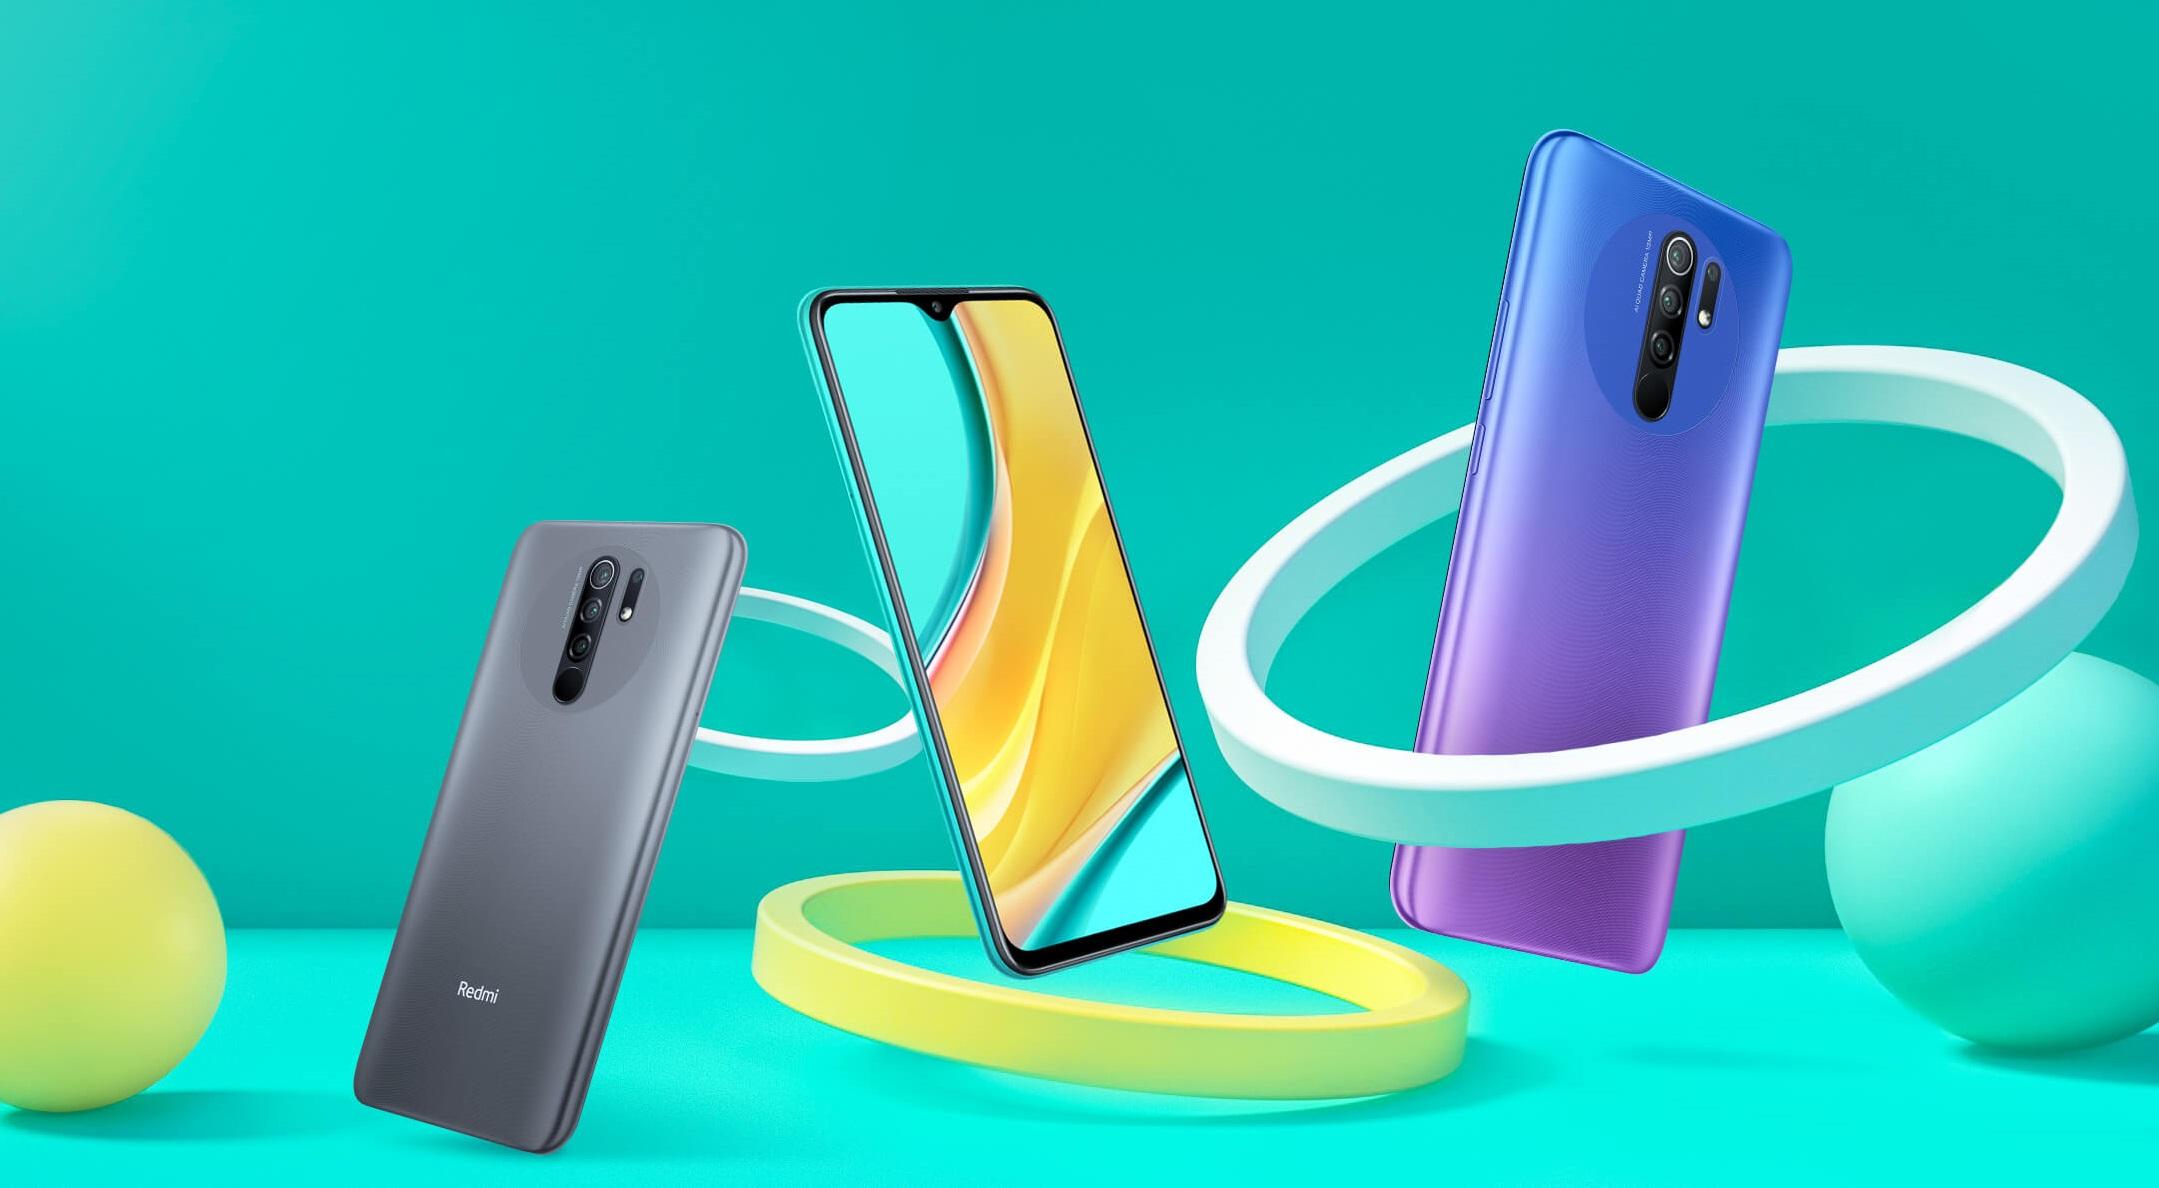 Xiaomi Redmi 9 smartphone